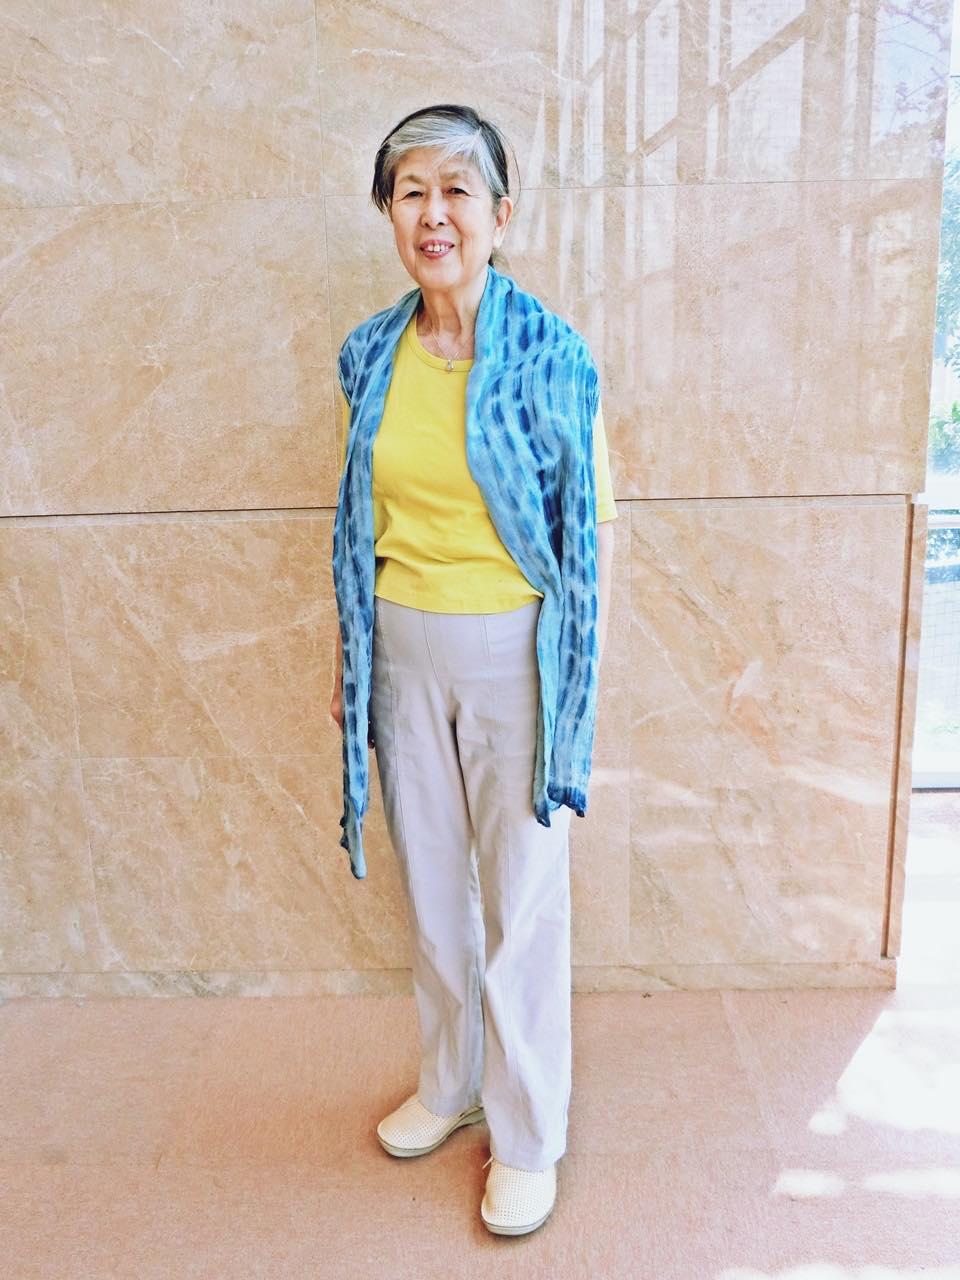 藍染のストールは熊本YWCAのバザーで購入。どんなところにも気軽に羽織れる便利な1枚。